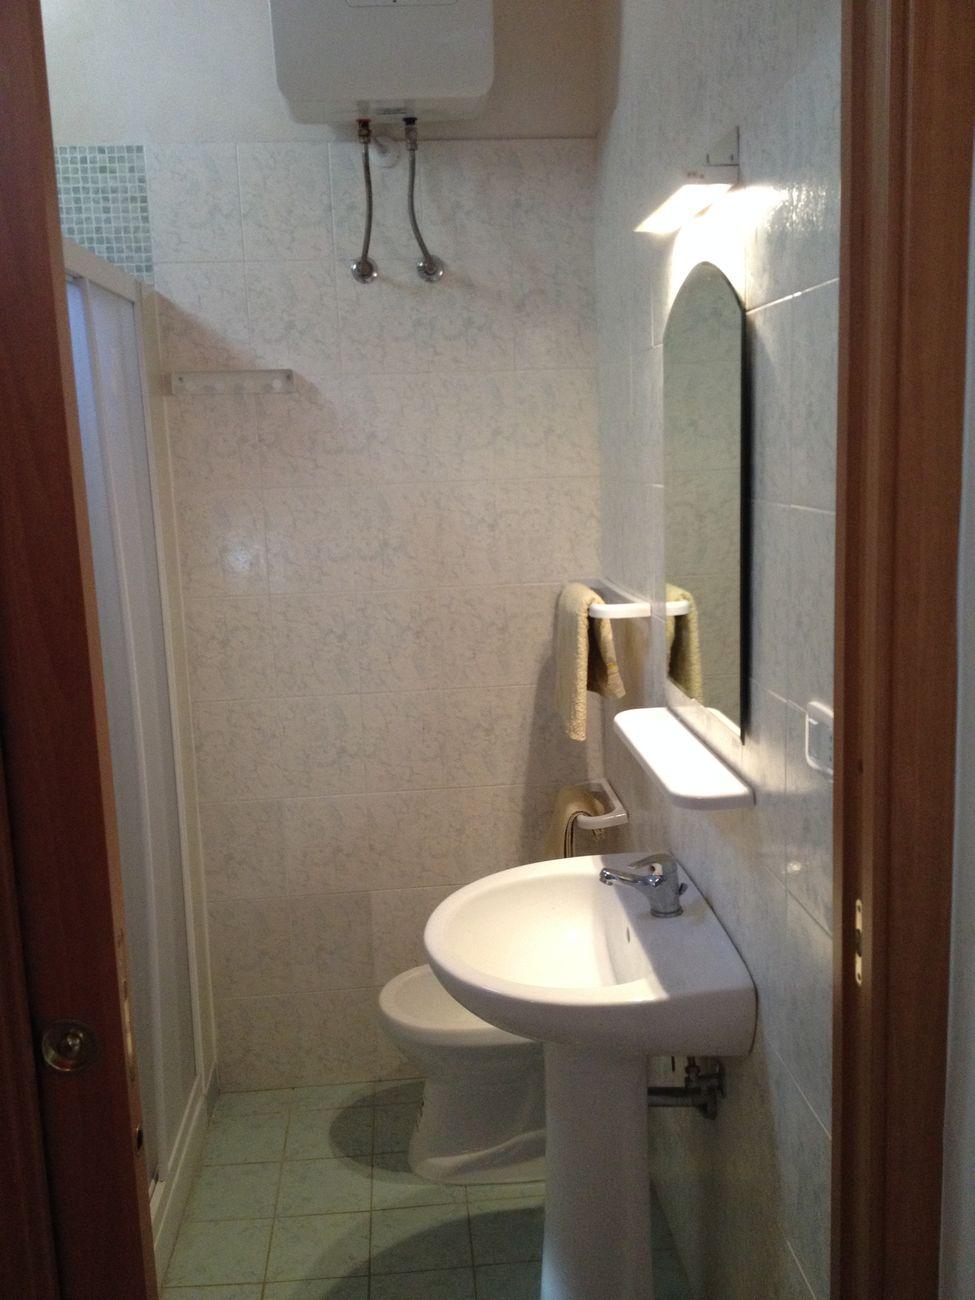 fernseher badezimmer die besten badewannen ideen auf pinterest traumhafte badezimmer badewanne. Black Bedroom Furniture Sets. Home Design Ideas